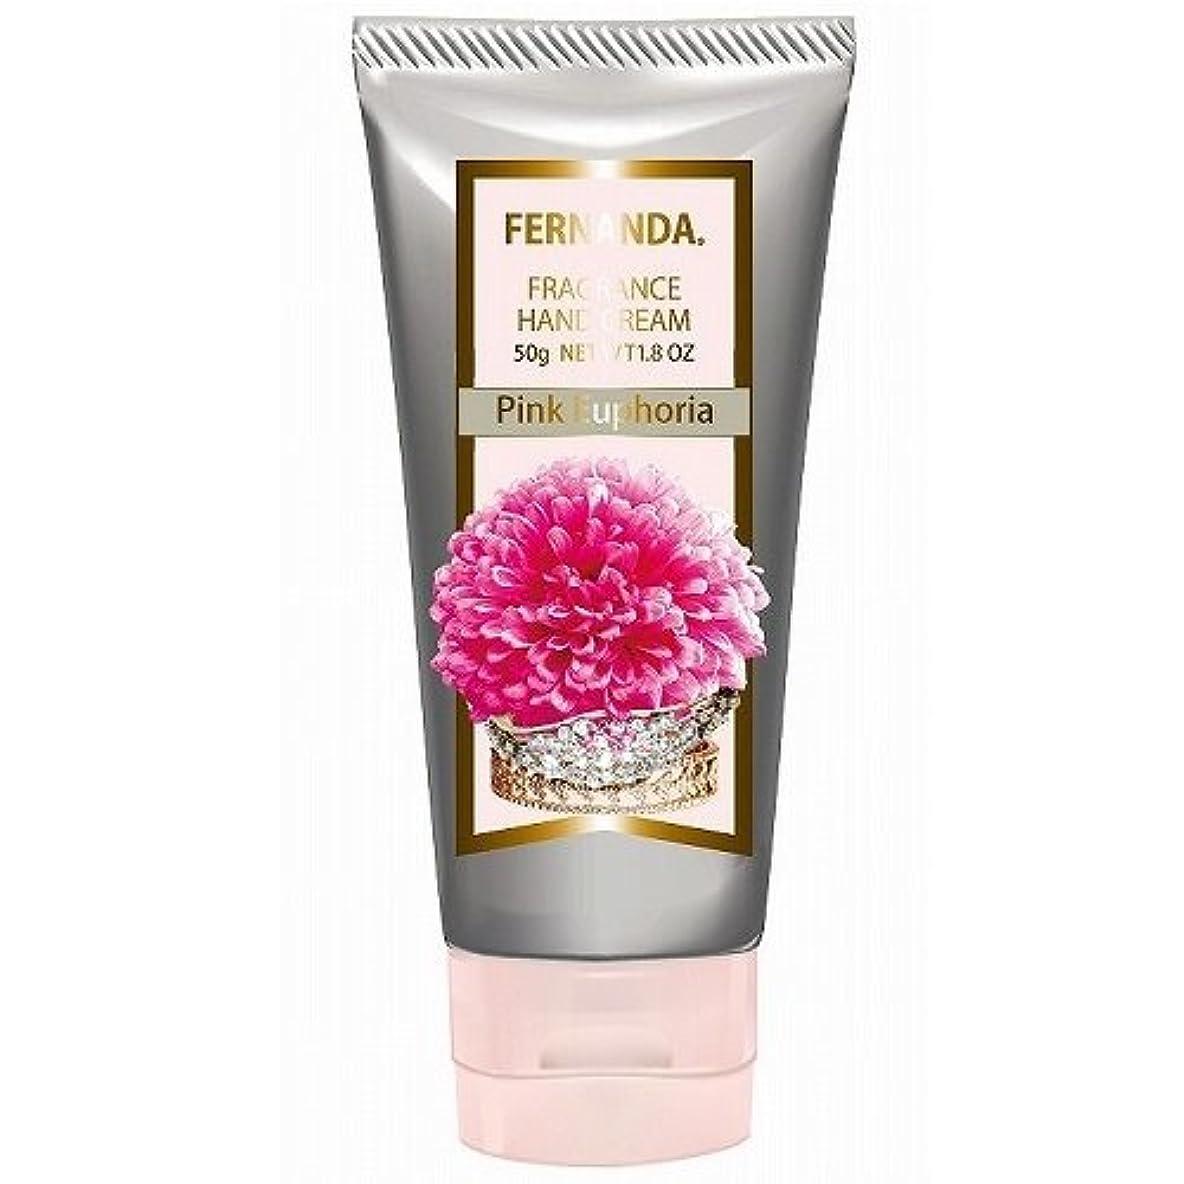 手配するドラフト要件FERNANDA(フェルナンダ) Hand Cream Pink Euphoria (ハンドクリーム ピンクエウフォリア)